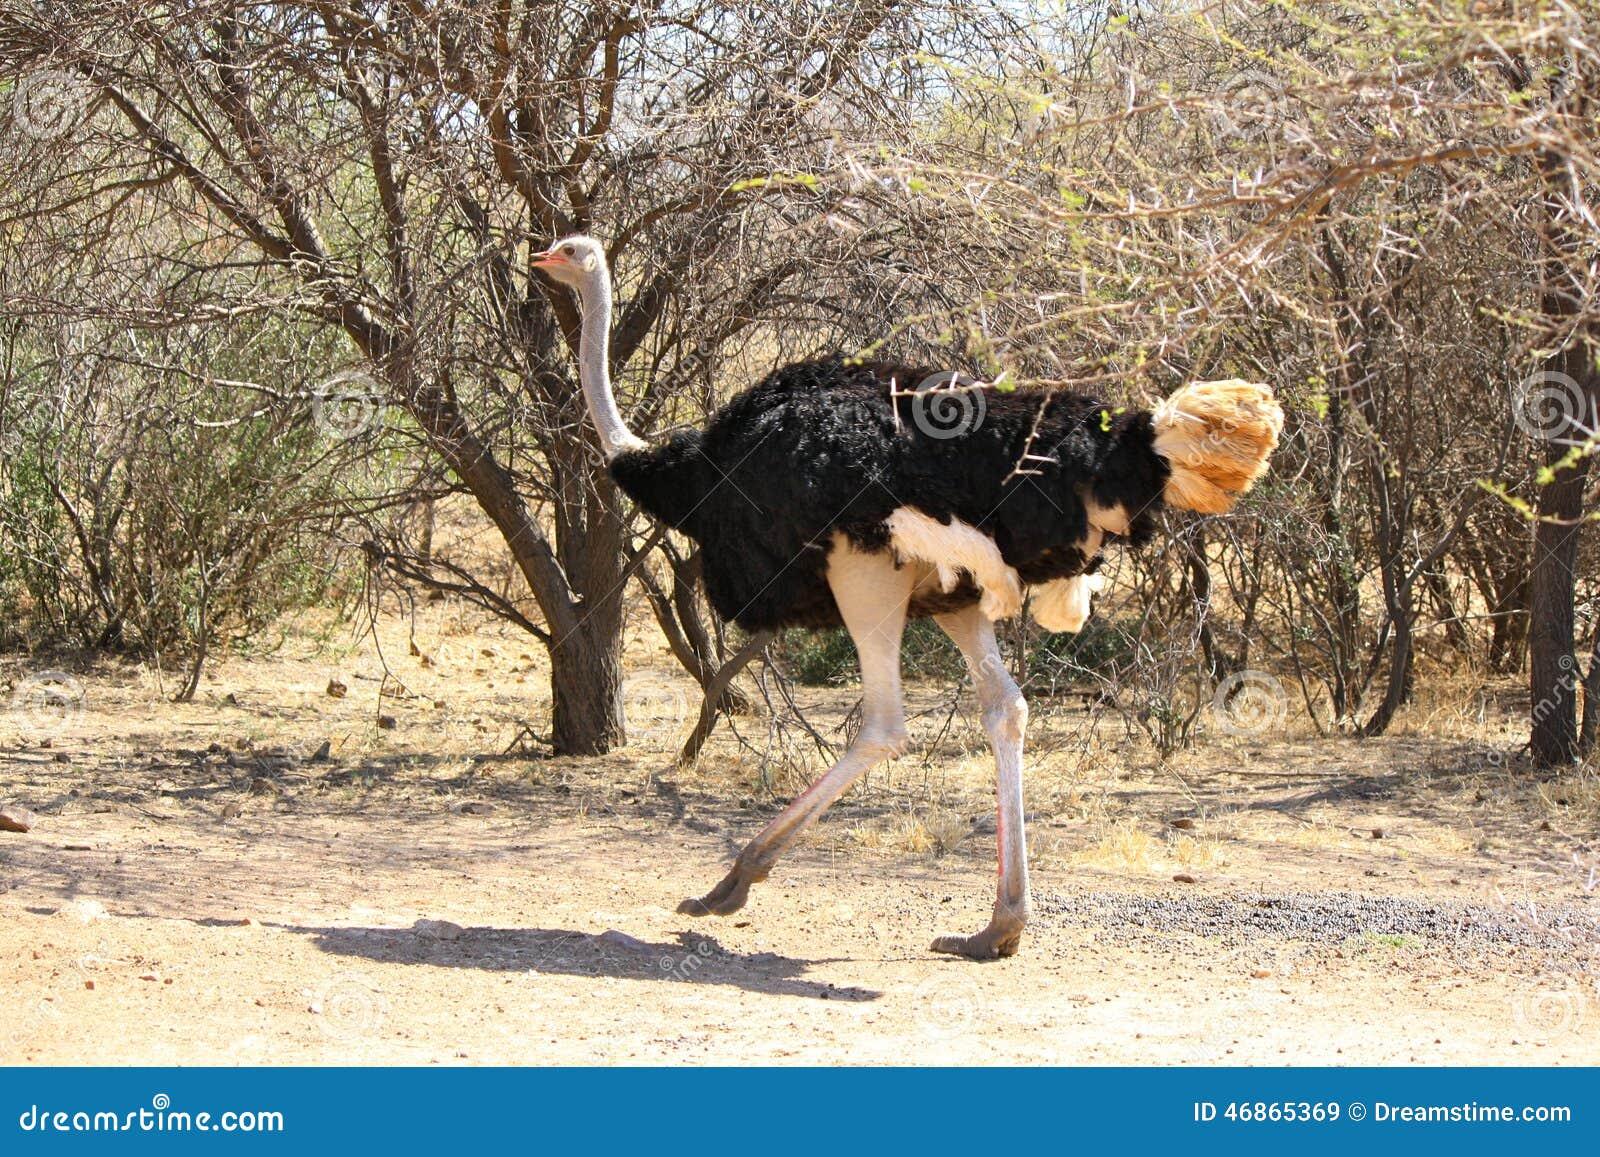 Strauß Der Auf Sandbahn Straße In Botswana Läuft Stockbild Bild